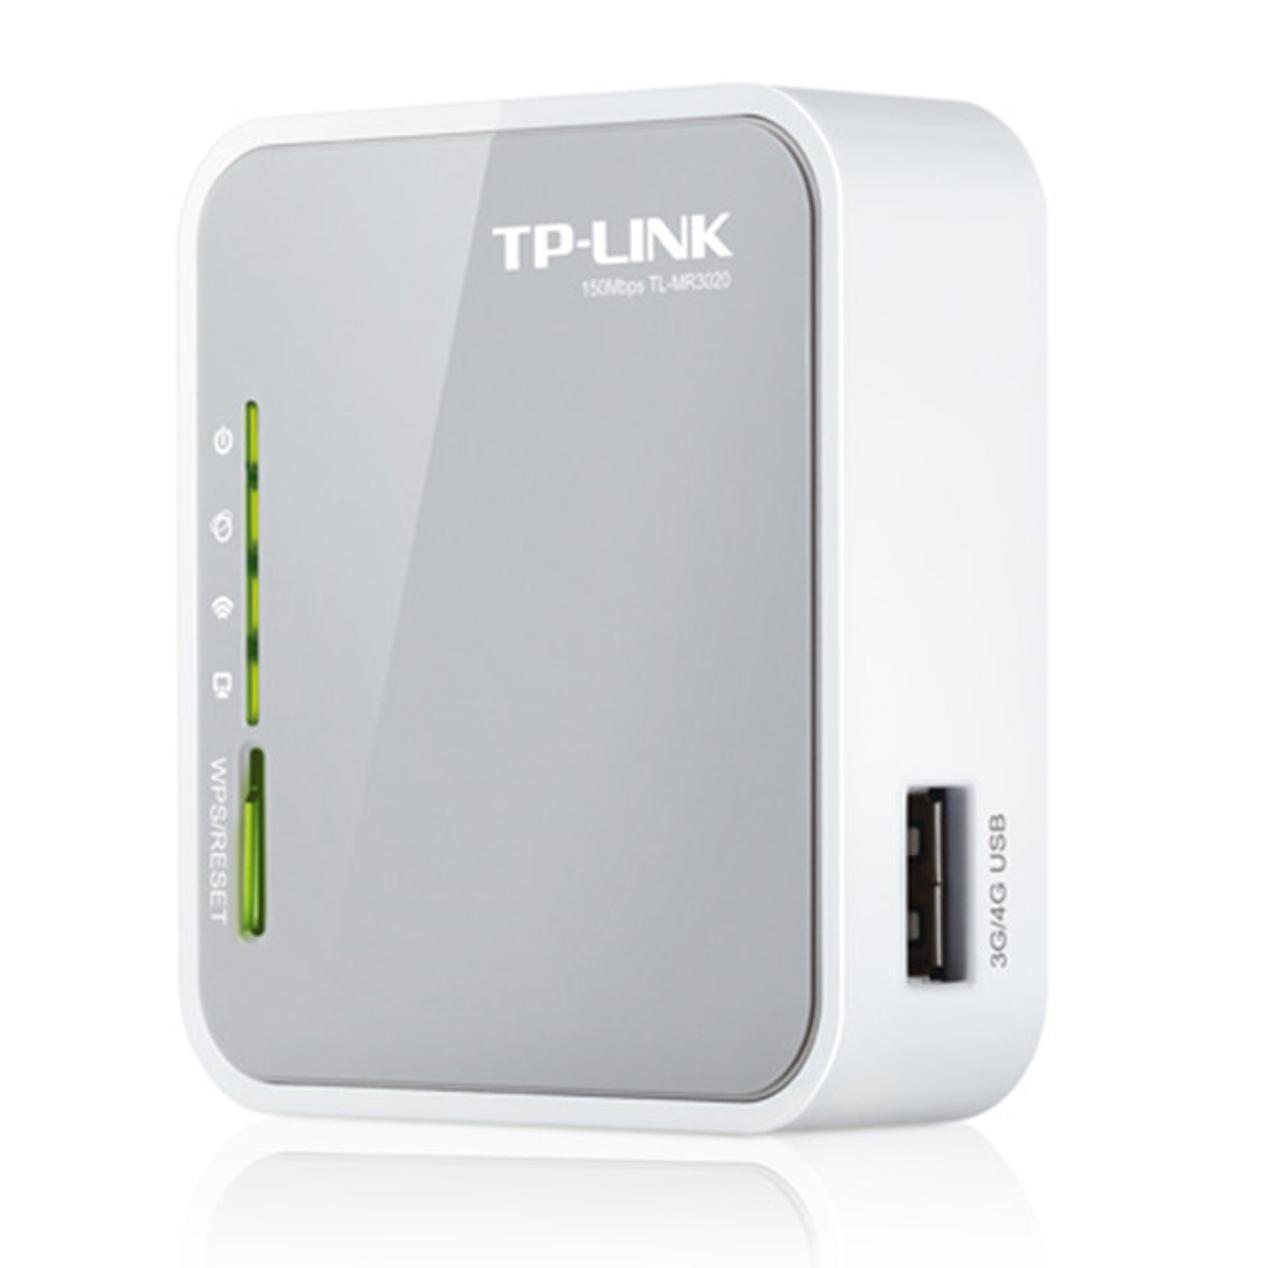 Configurar router tp link como repetidor sin cables